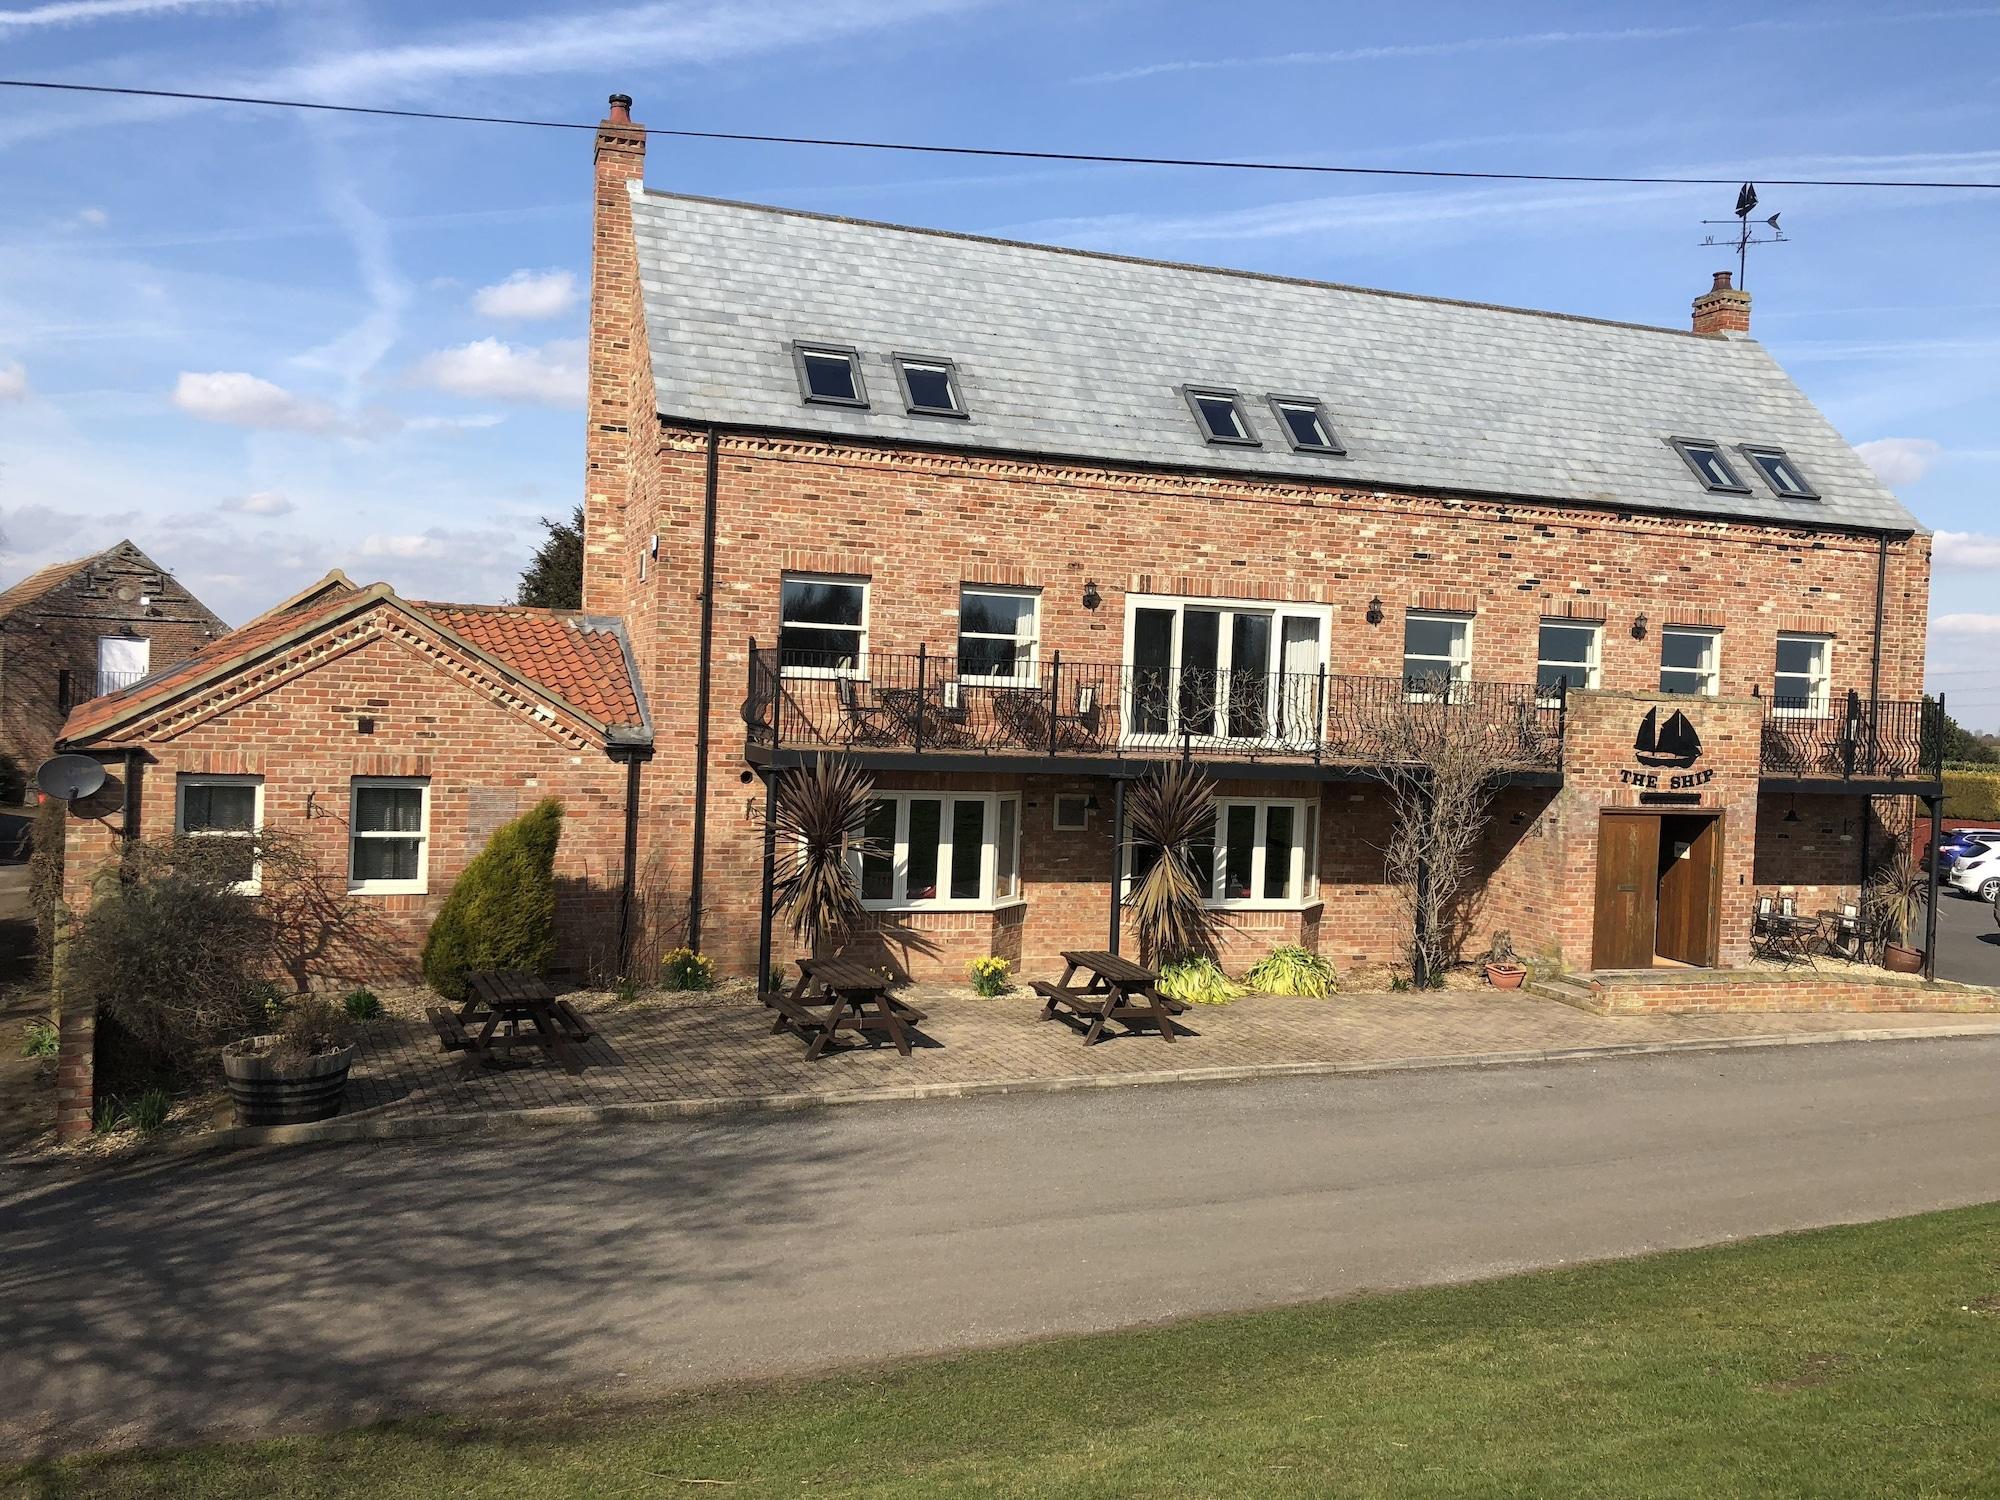 The Ship Inn, Lincolnshire